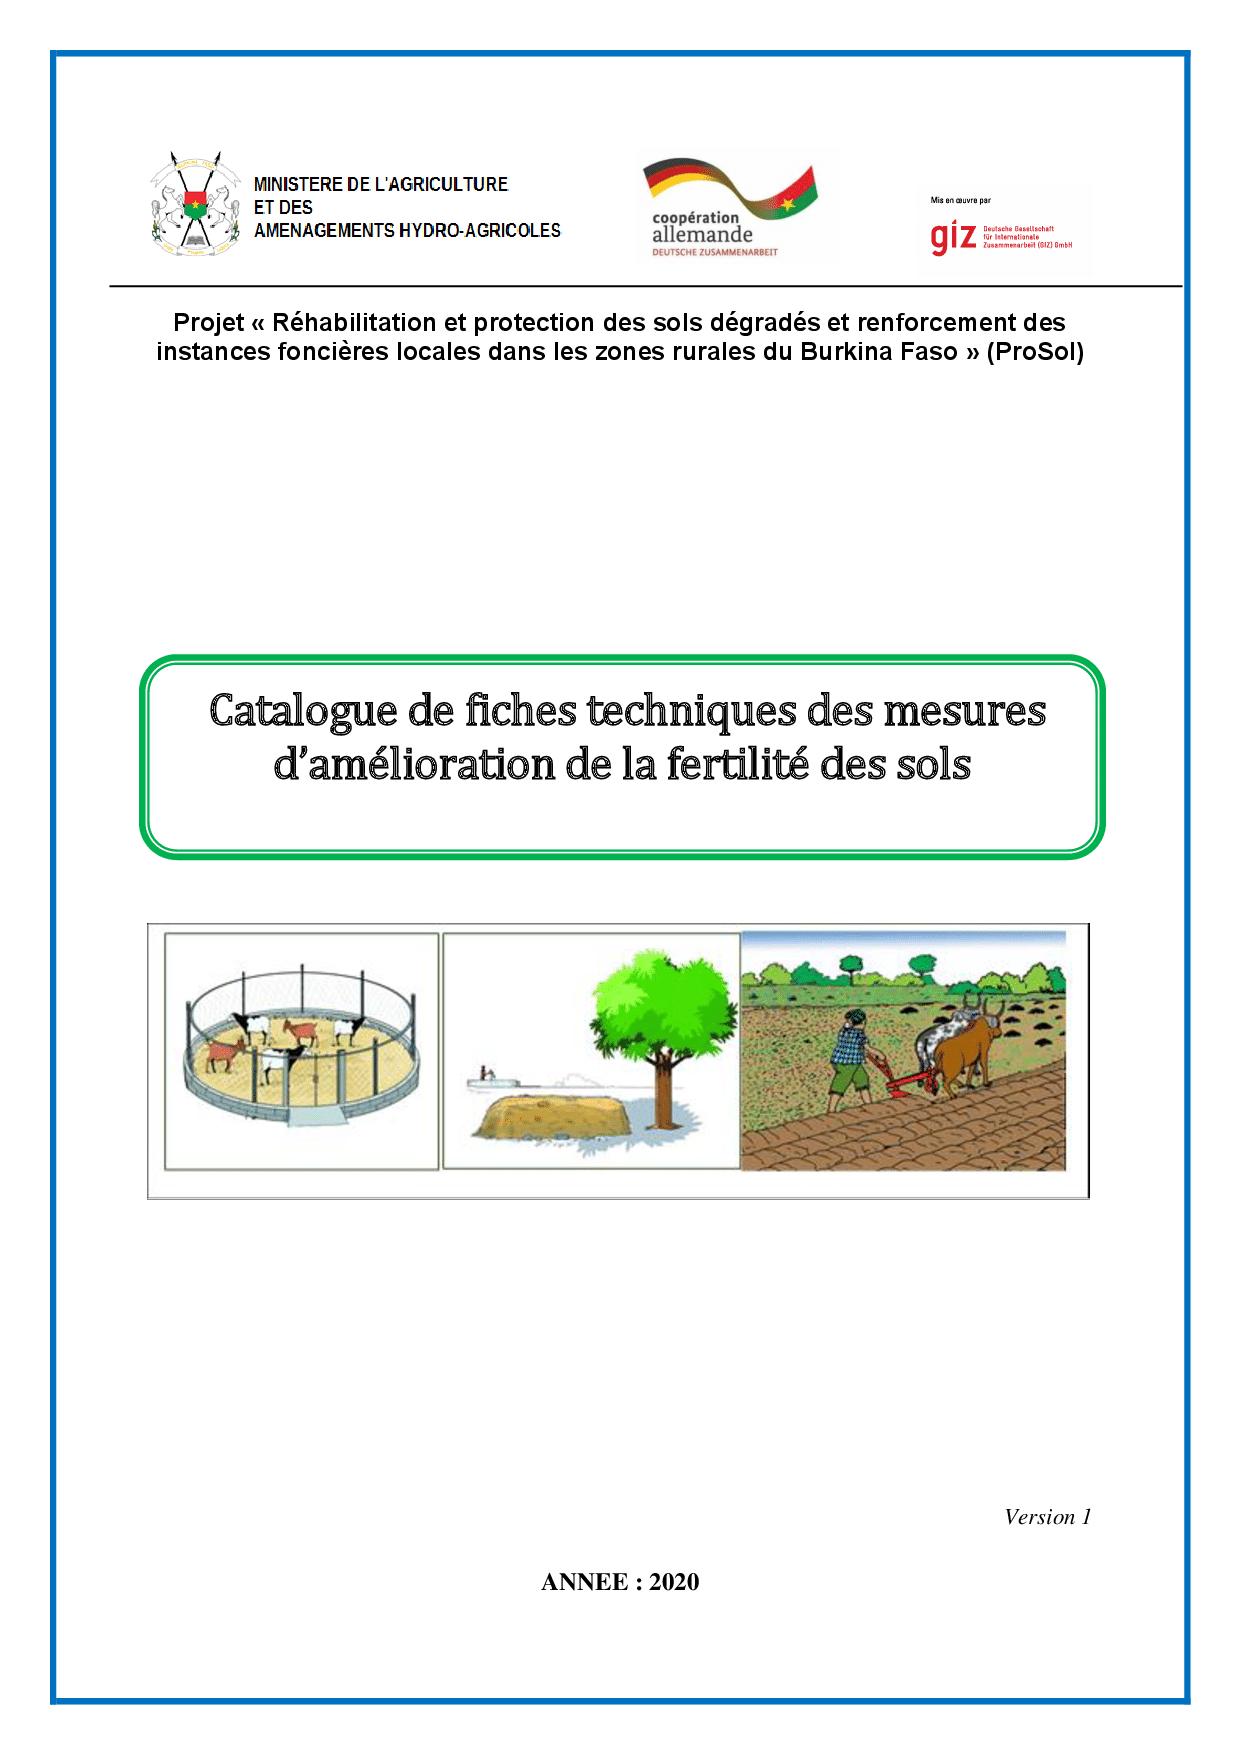  Catalogue de fiches techniques des mesures d'amélioration de la fertilité des sols